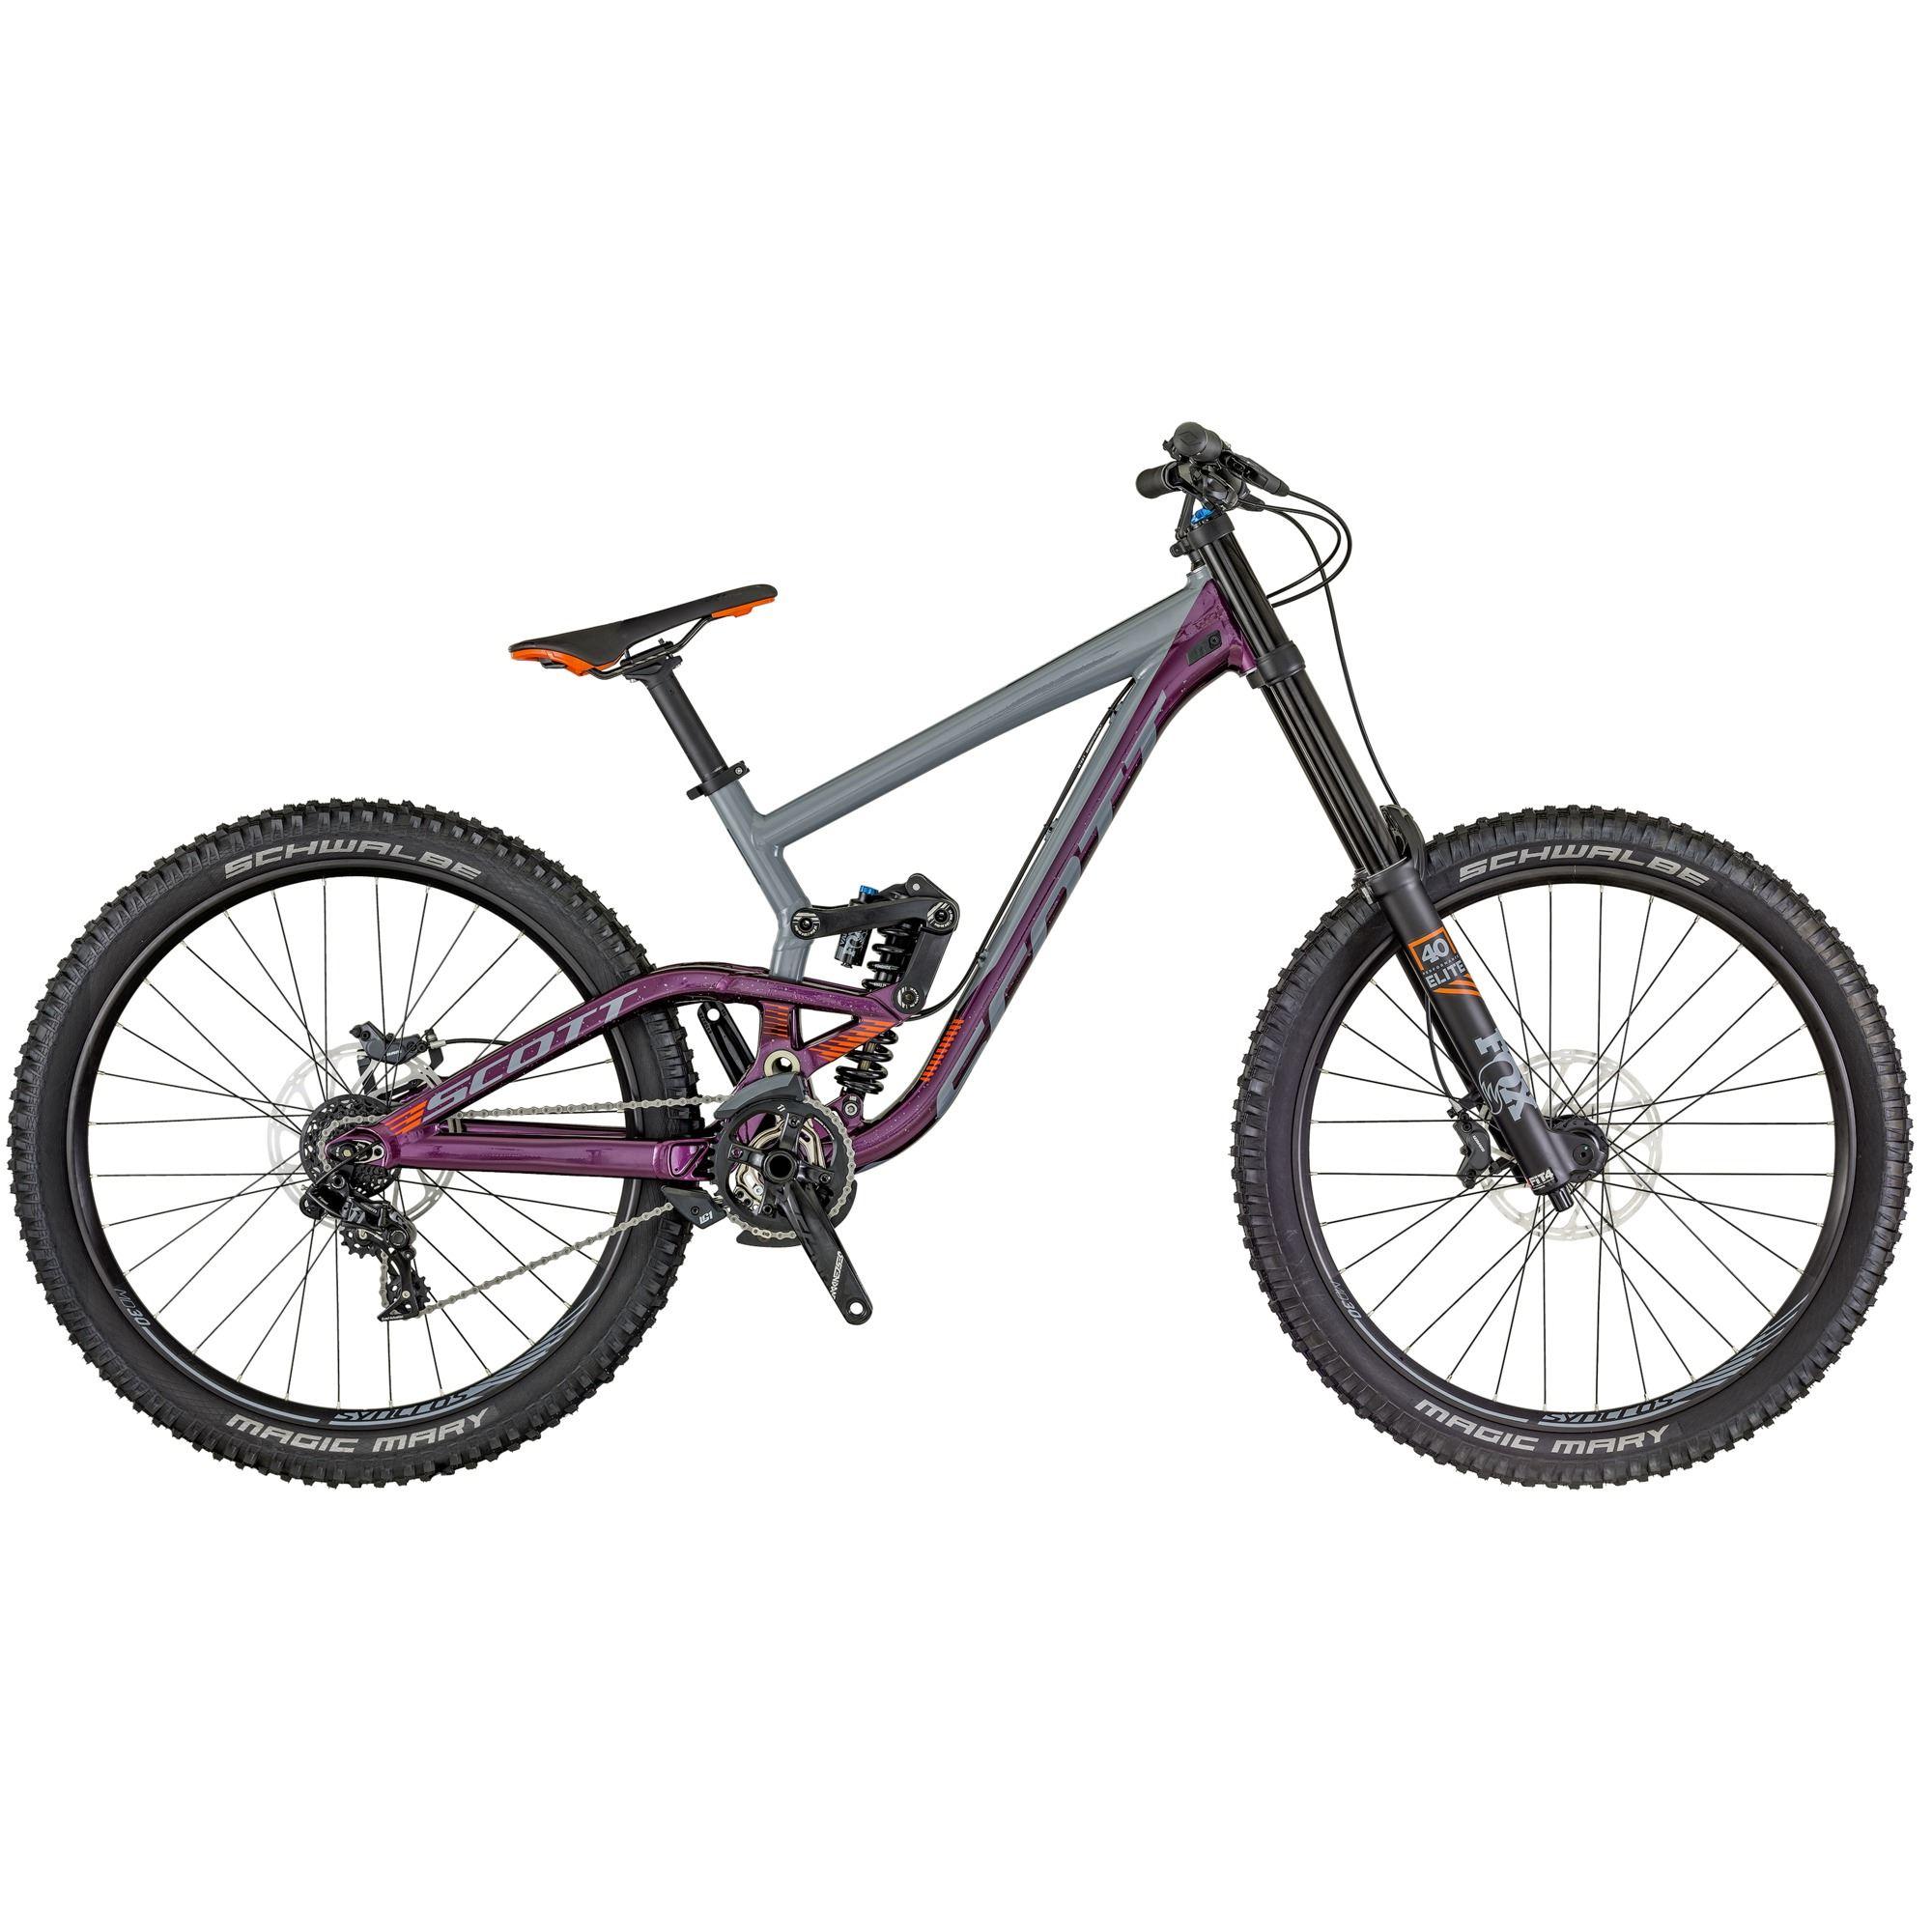 DH-bike | Scott Gambler 720 - Size L